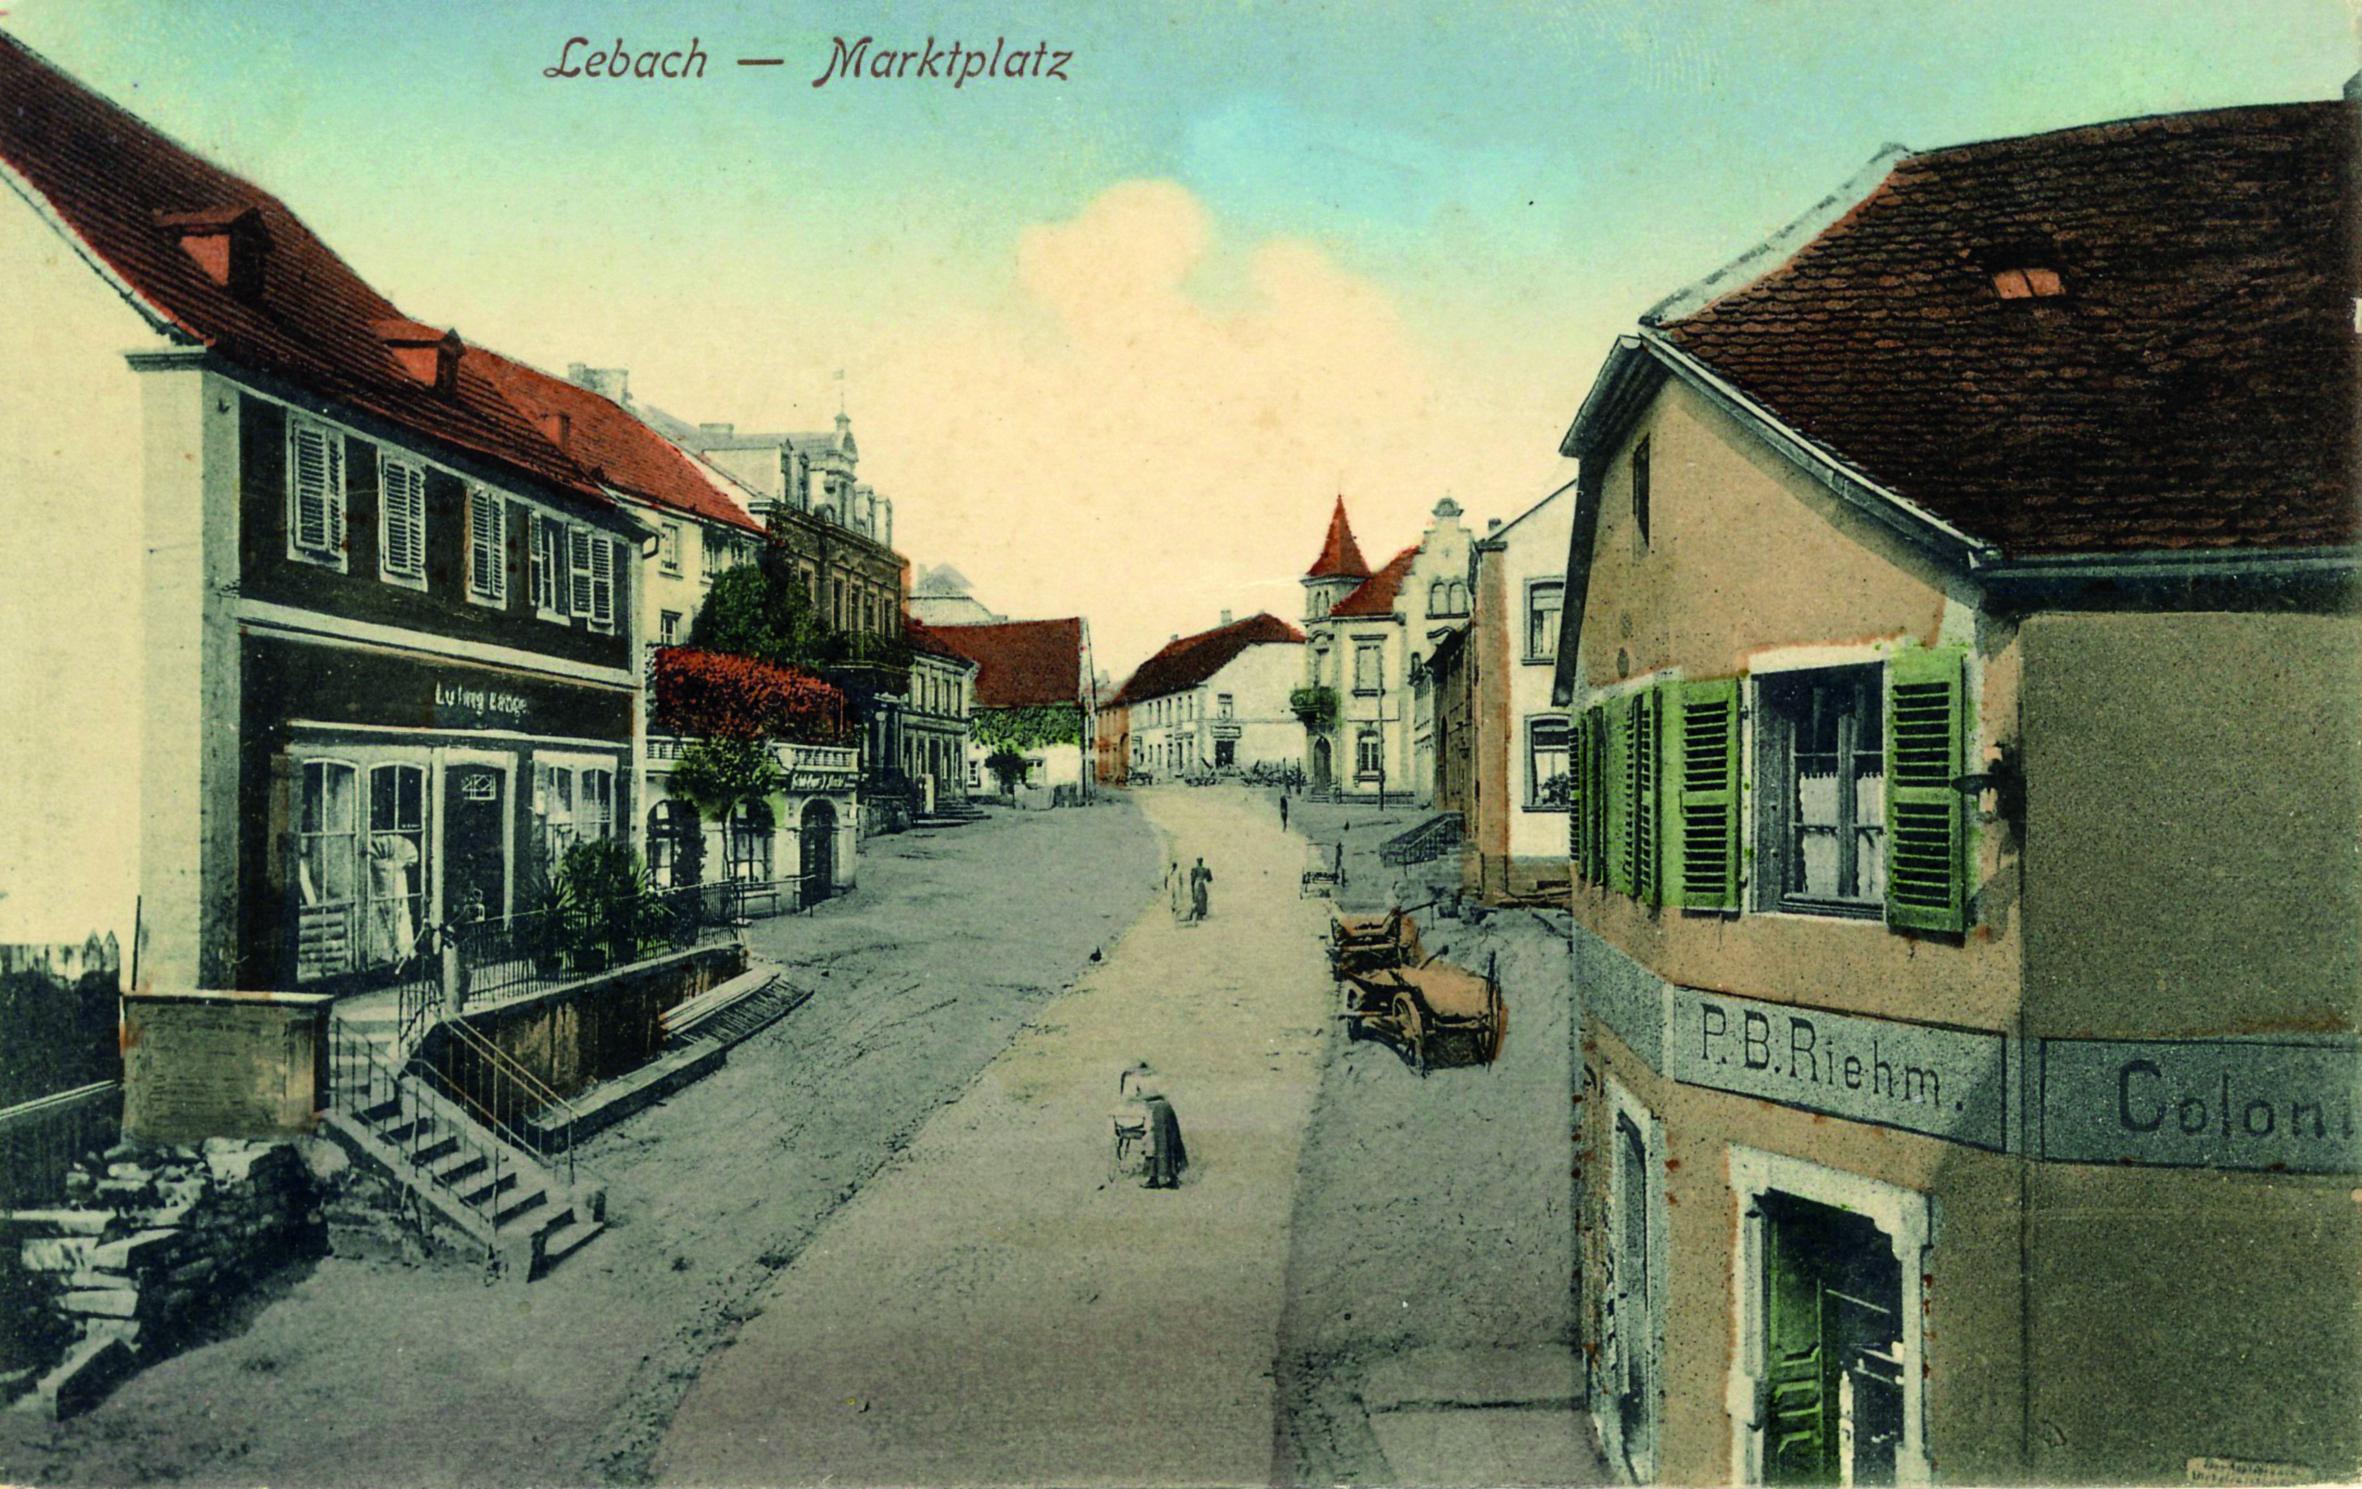 Bildquelle: Historischer Verein Lebach